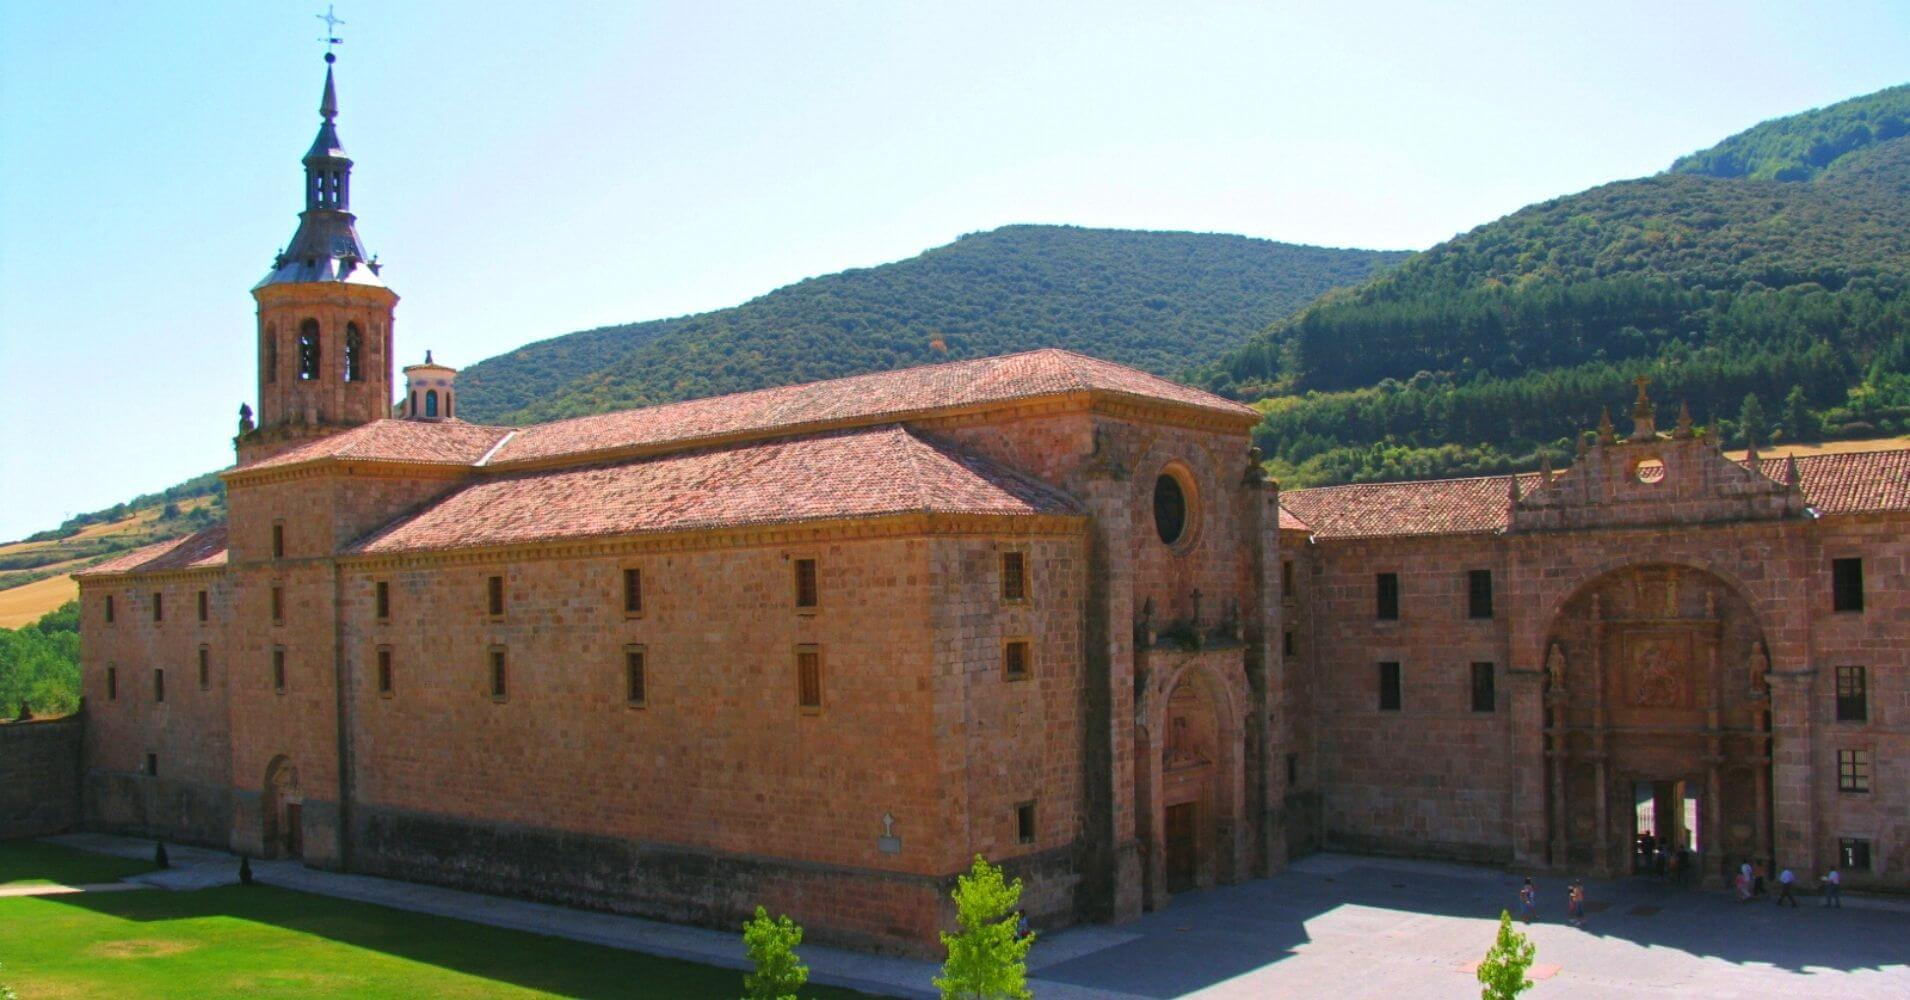 Monasterio de Yuso. La Rioja. España.